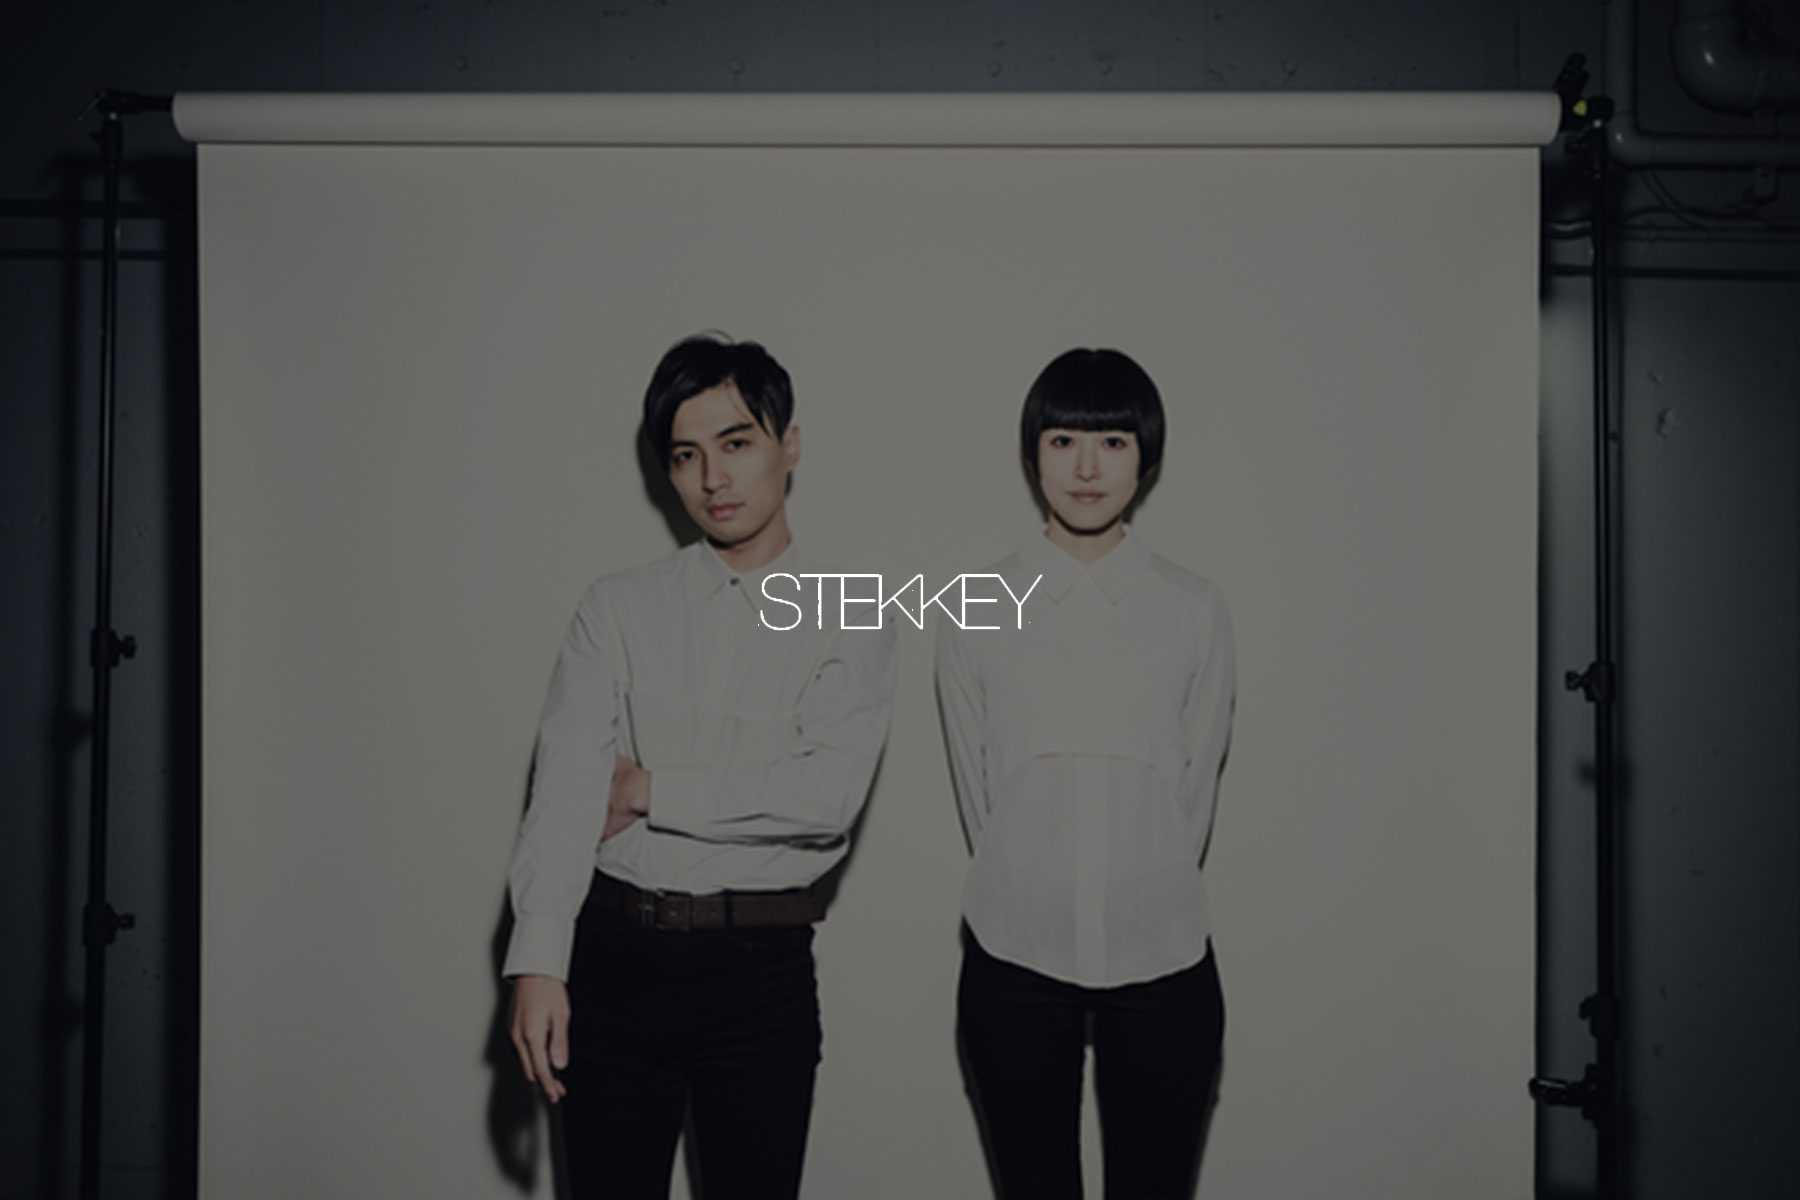 株式会社STEKKEYのトップ画像